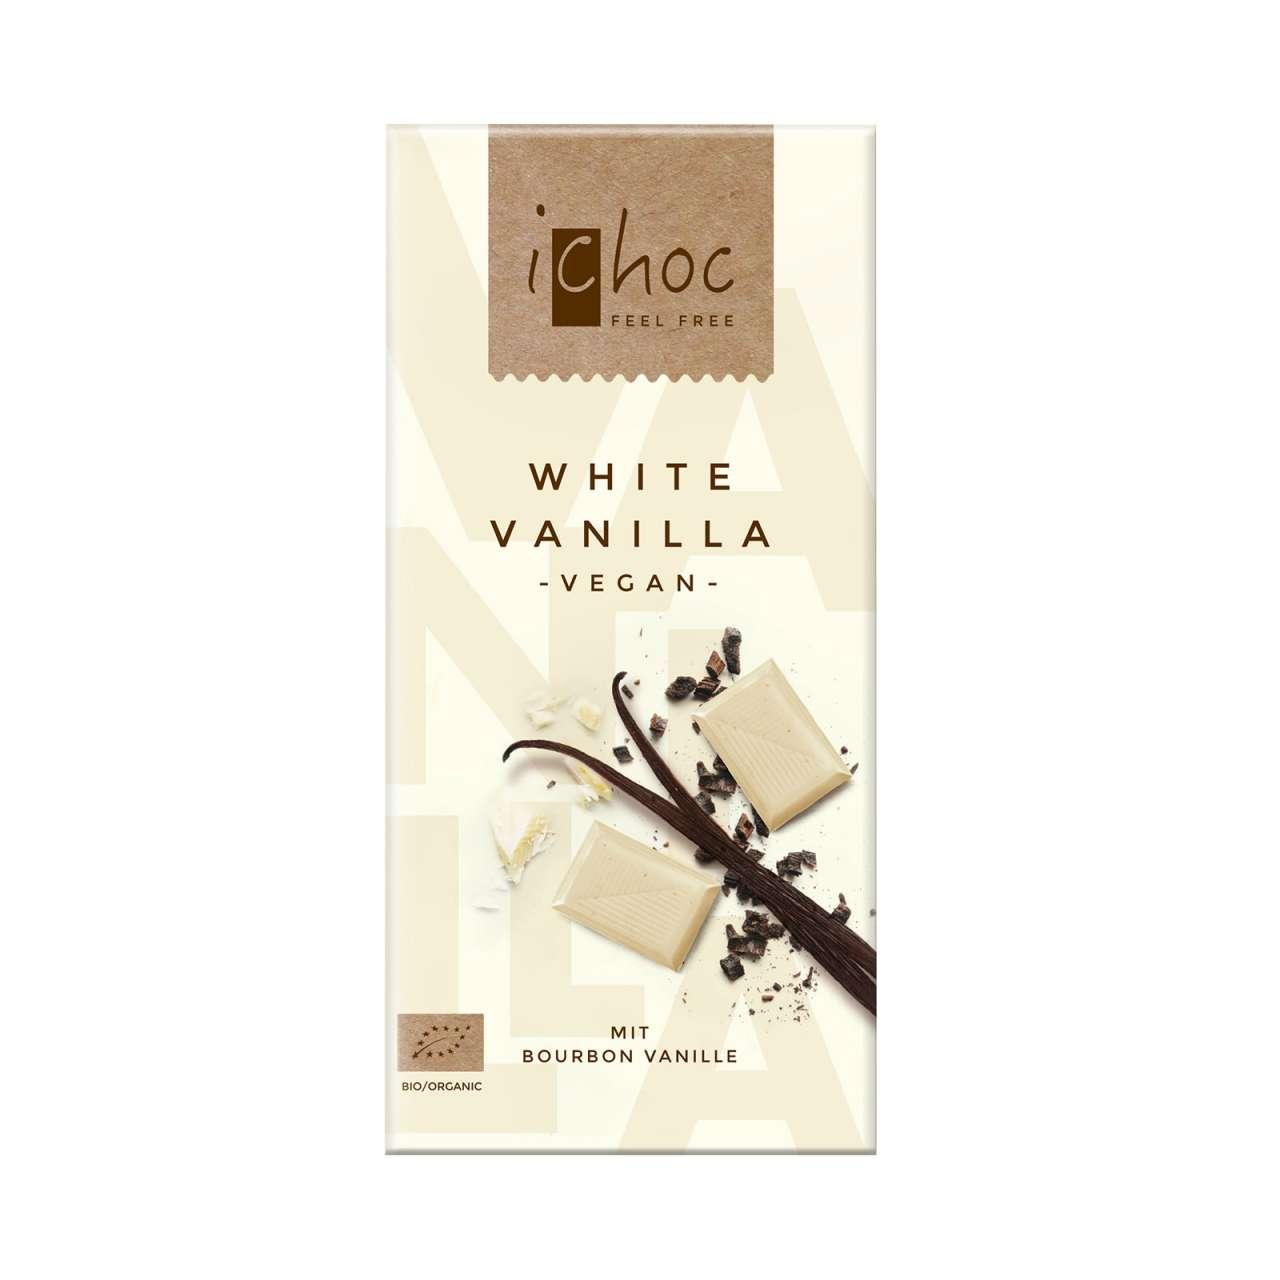 Angebotsbild für Weiße Schokolade vegan - iChoc White Vanilla - geniessen von PureNature